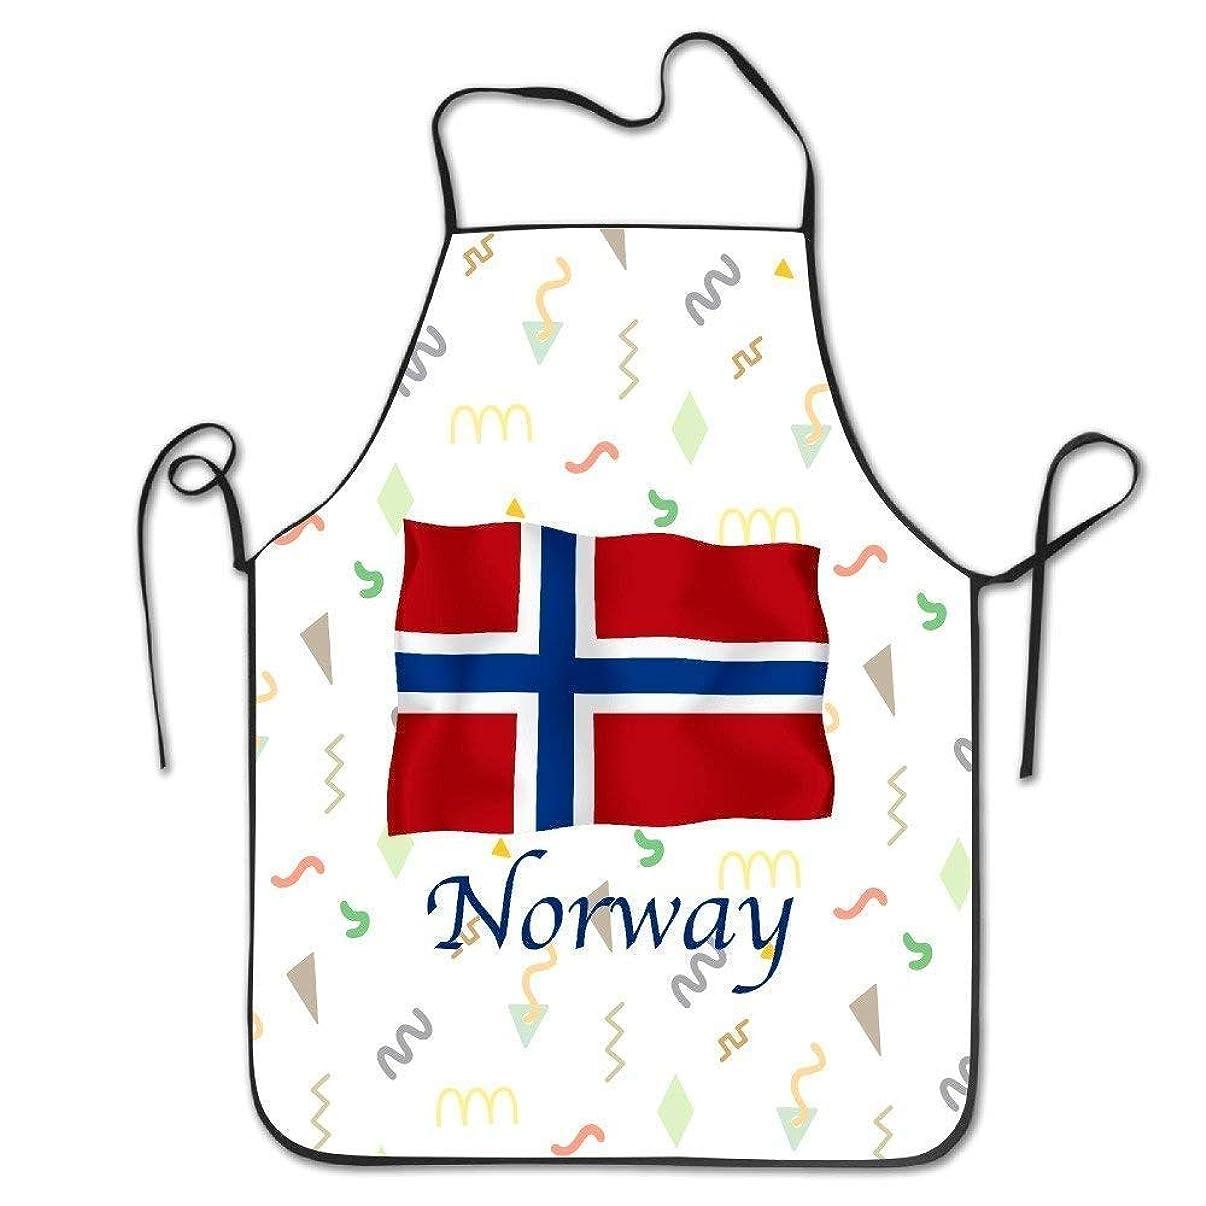 豪華なバンジョー海里面白いデザインエプロンの旗ノルウェー国旗ヴィンテージ防水クリエイティブ用女性男性ウェイトレスシェフホーム理髪師キッチンガーデニング